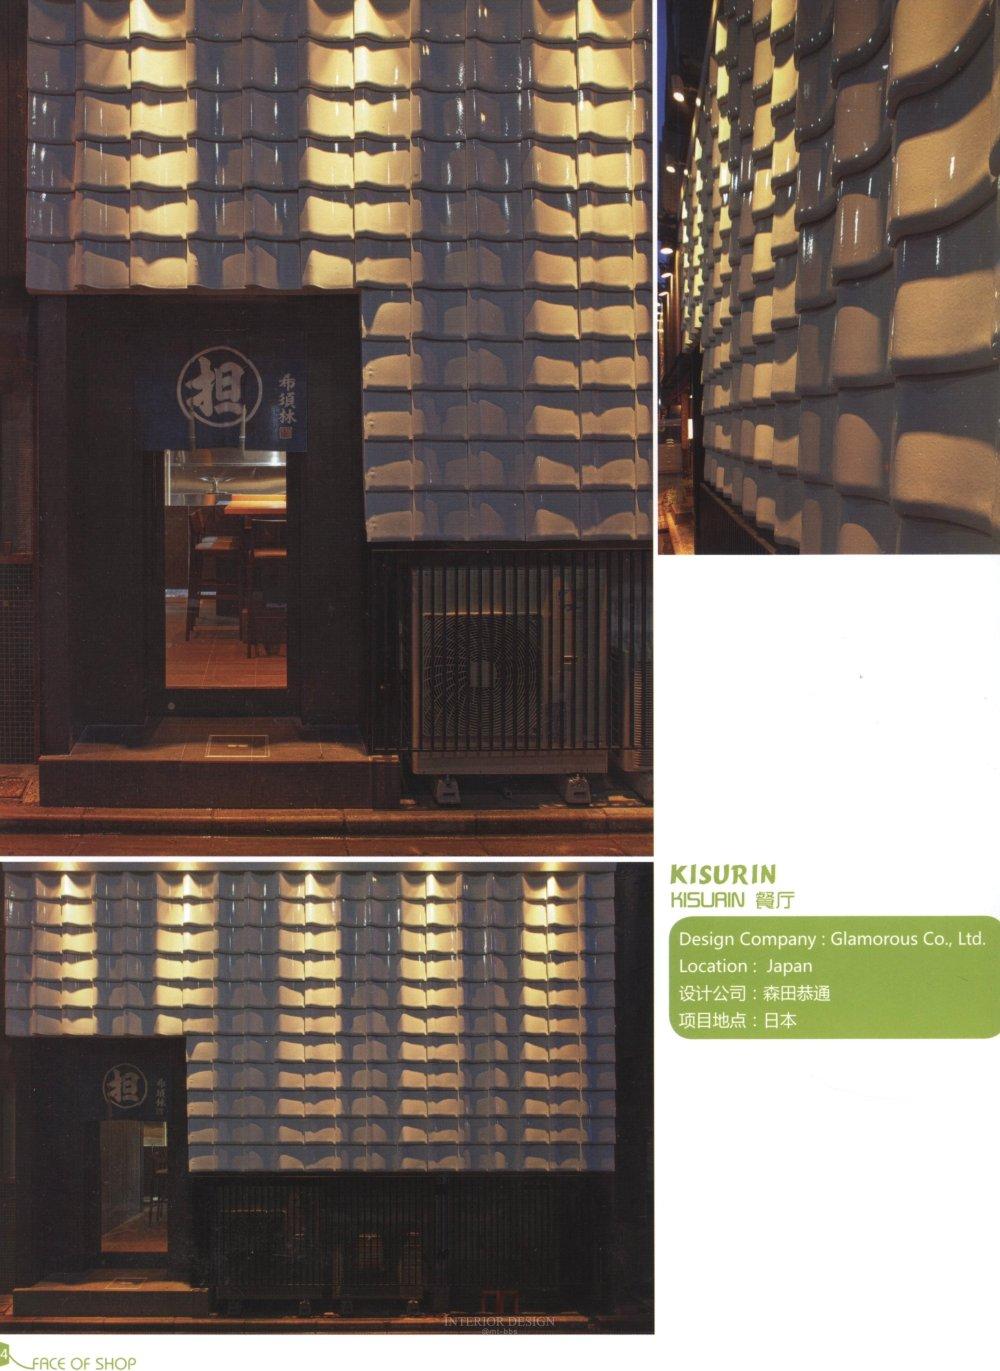 商业店铺、门头设计_kebi 0207.jpg